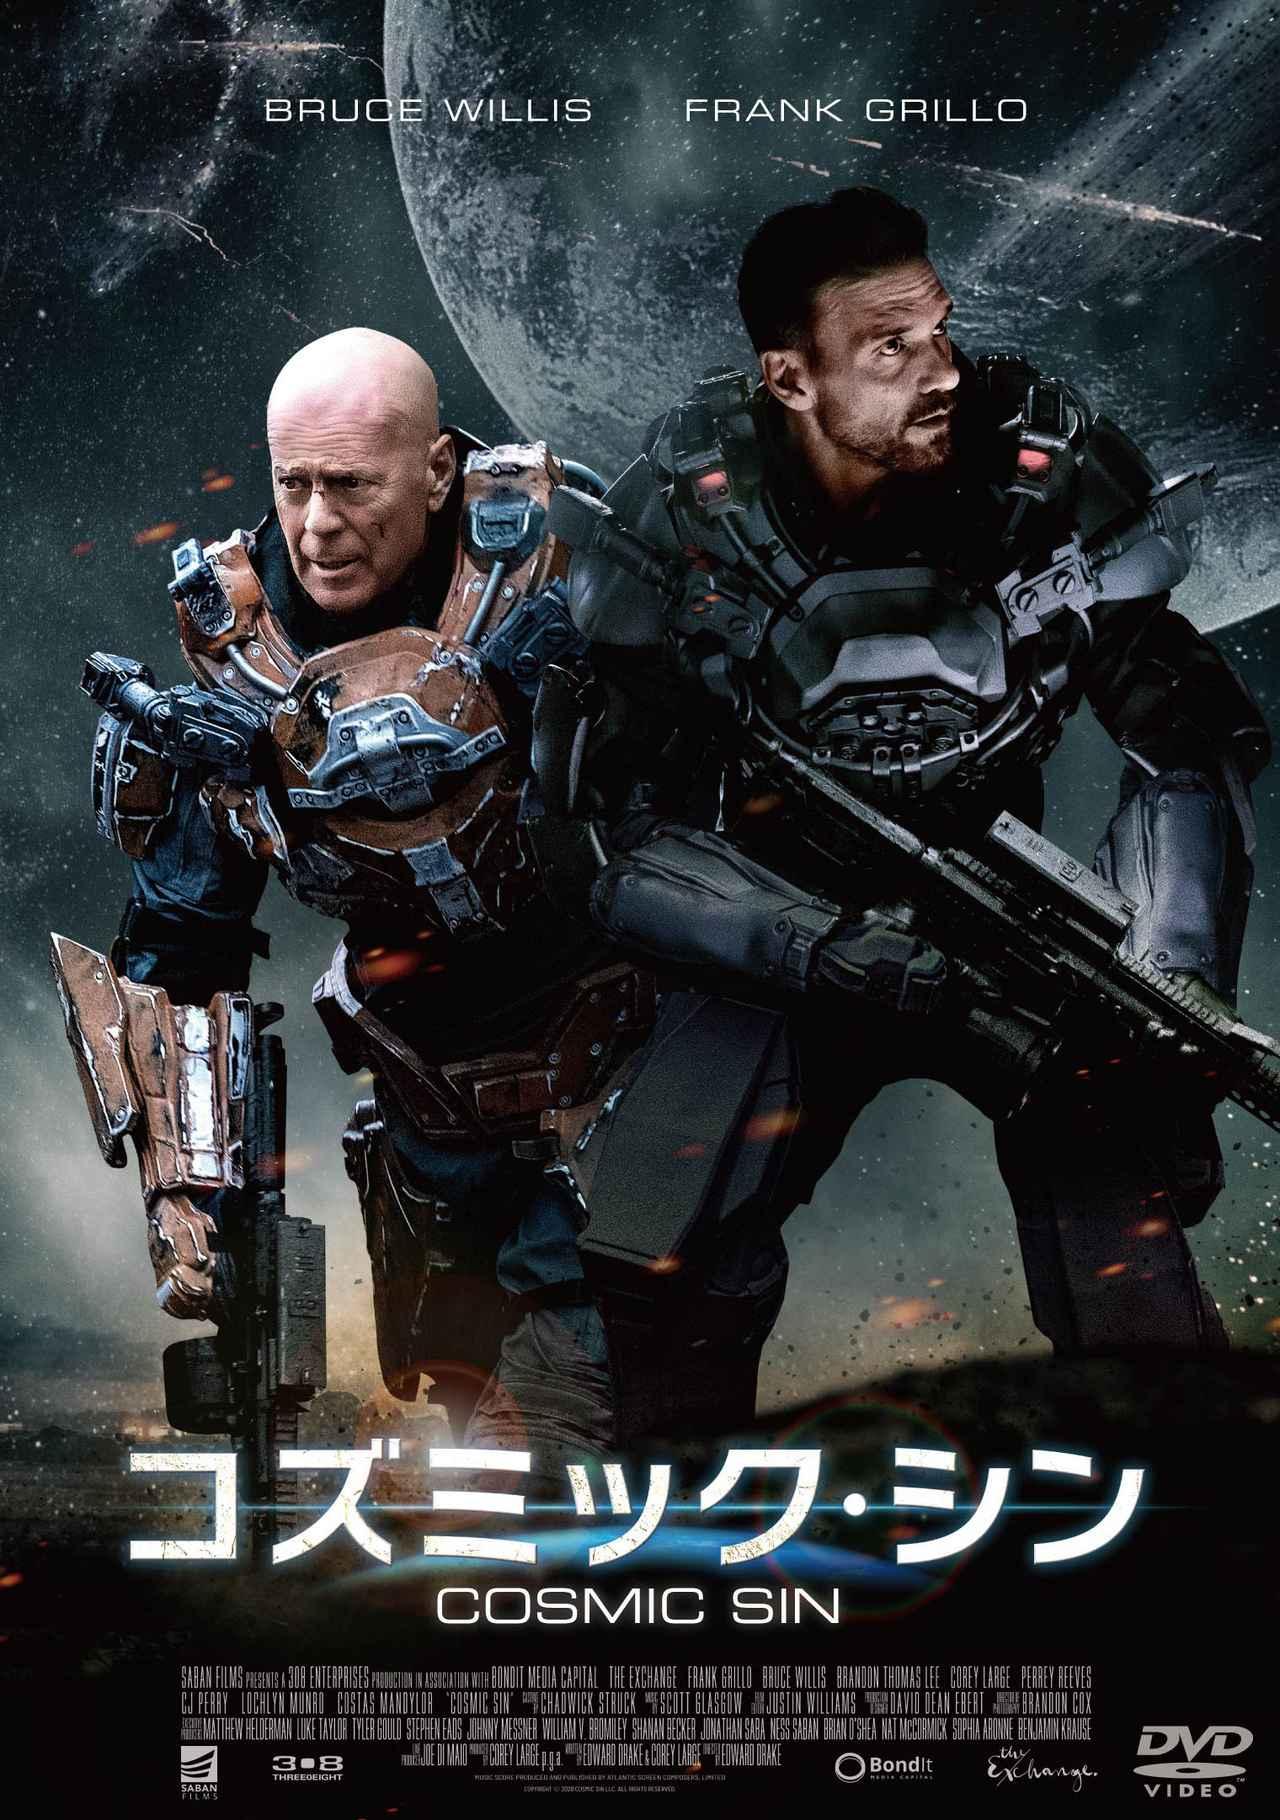 画像: 『コズミック・シン』DVD  4,290円(税込) 発売元:株式会社ハピネットファントム・スタジオ